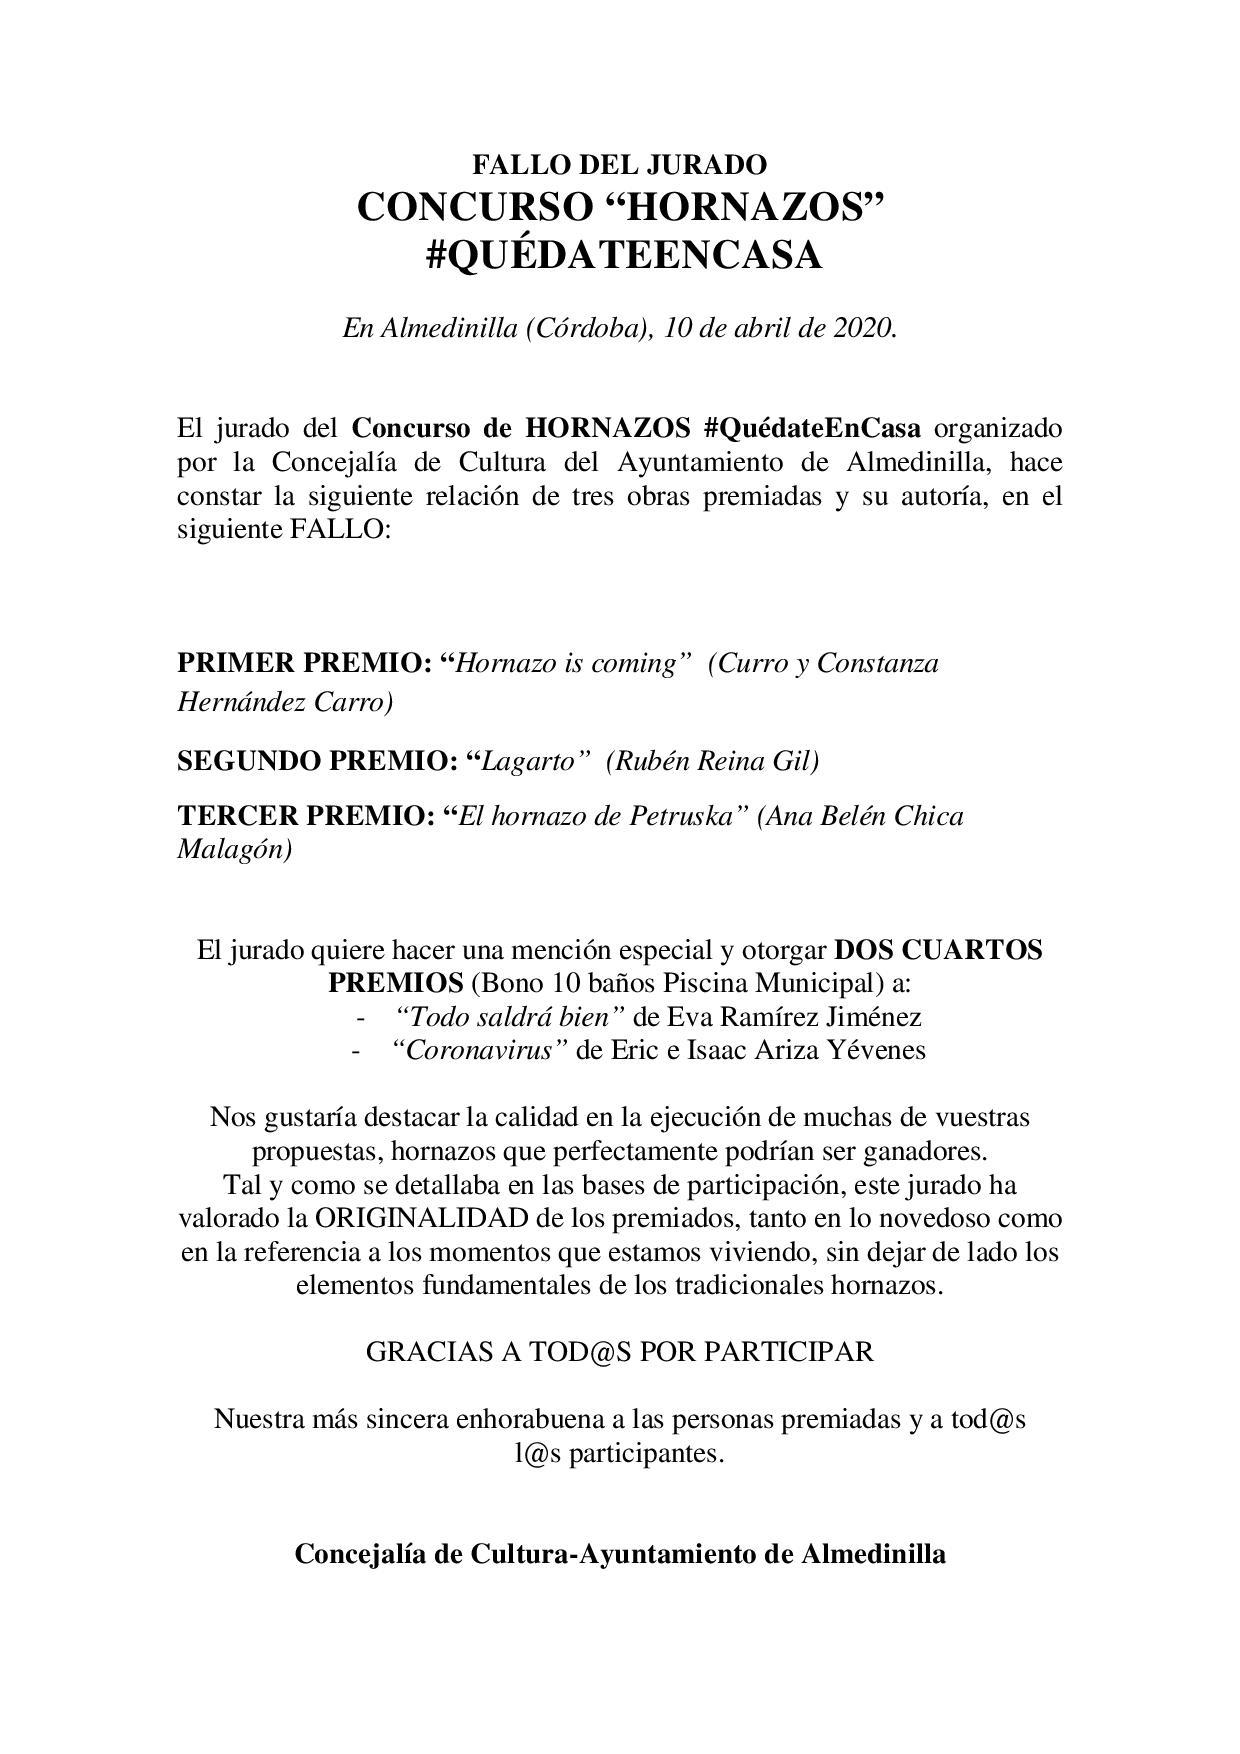 FALLO JURADO CONCURSO HORNAZOS 1